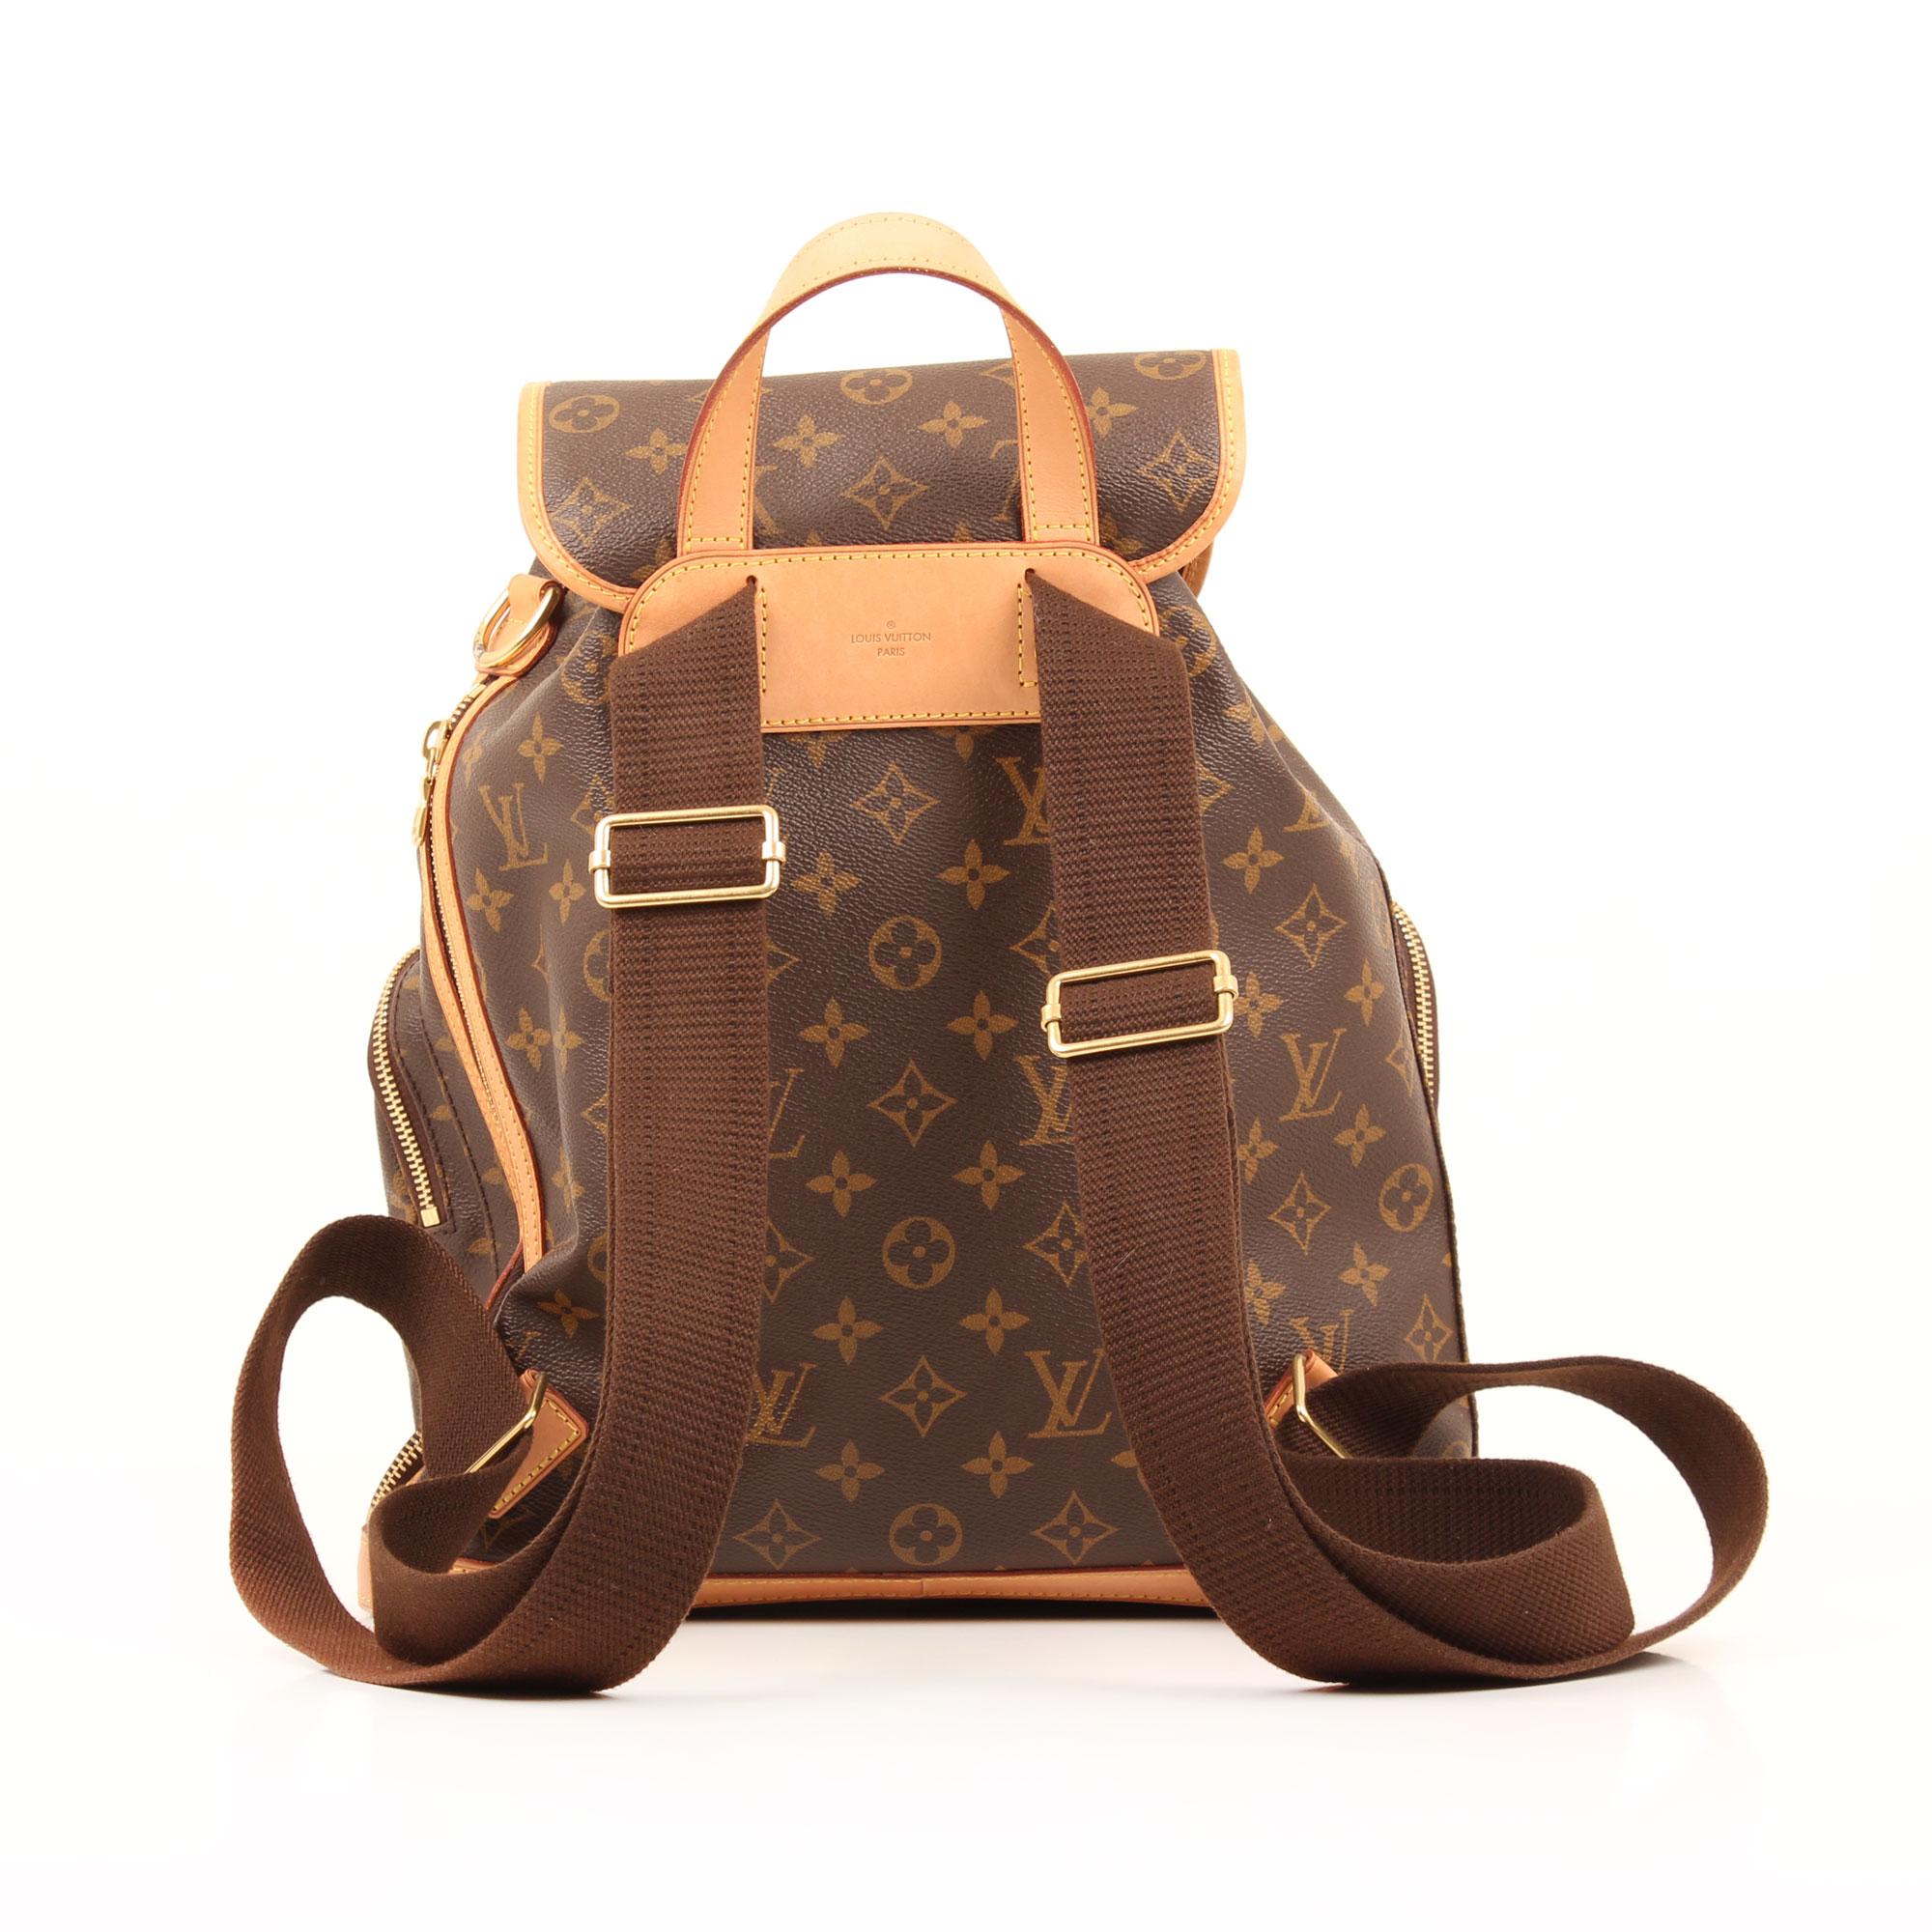 Imagen trasera de la mochila louis vuitton bosphore monogram